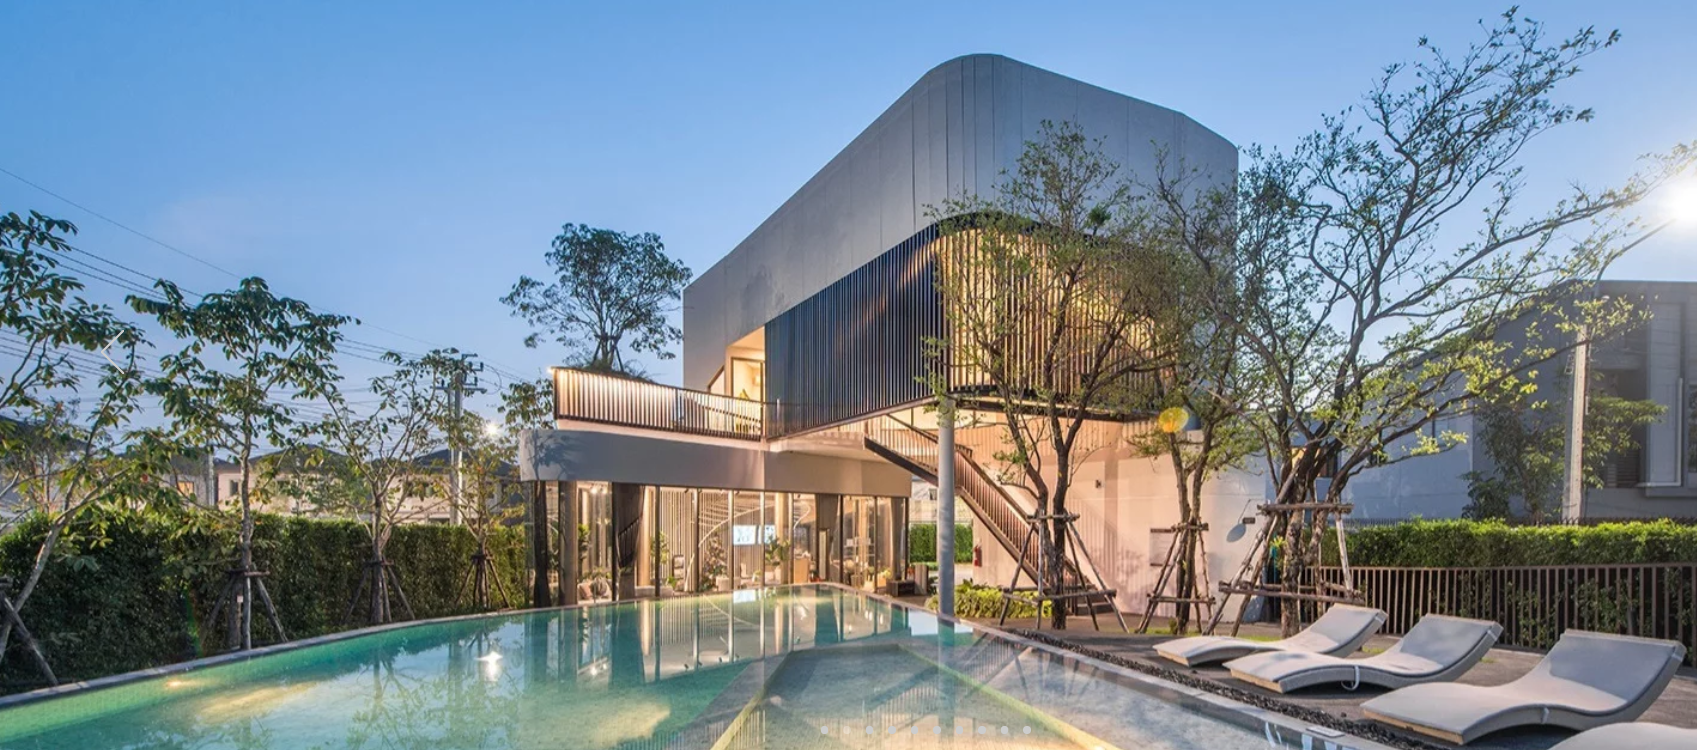 apluscon architects: La iluminación natural de Engage es la idea centra de V-Compound 1